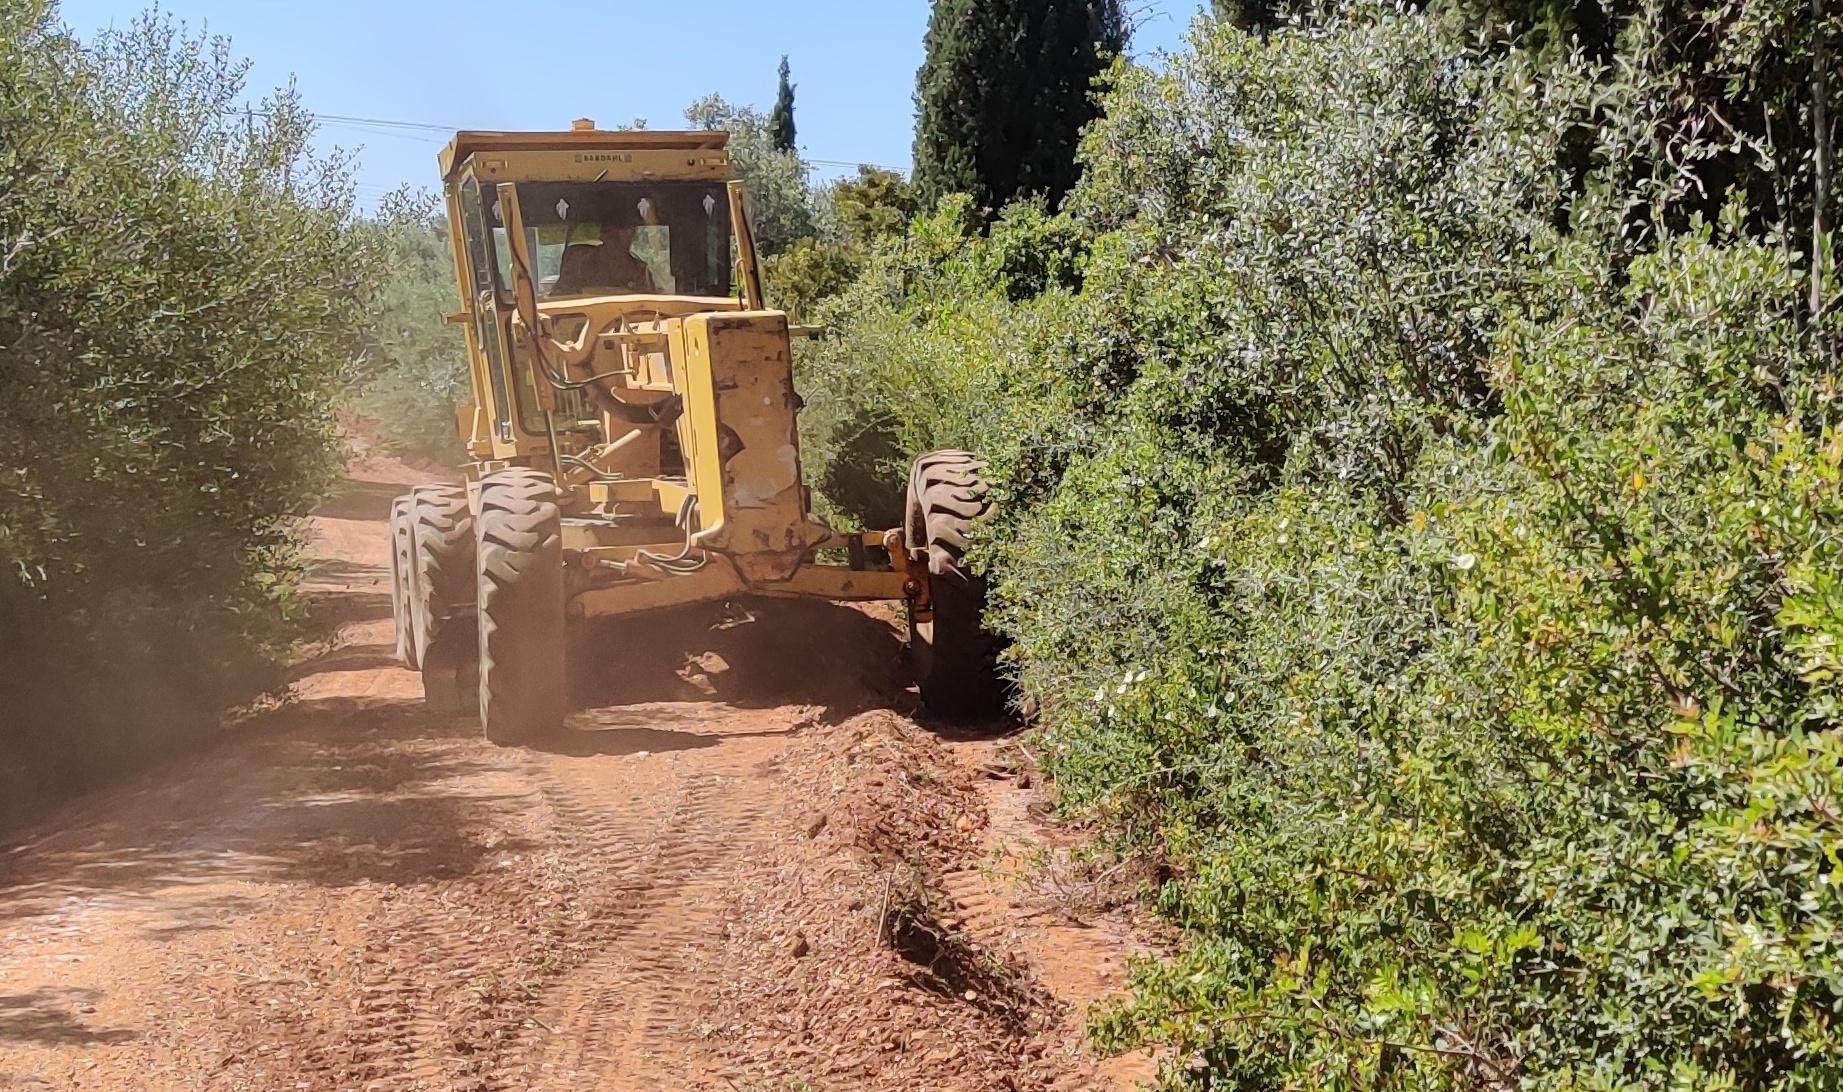 Σε πλήρη εξέλιξη τα έργα αγροτικής οδοποιίας στο Δήμο Τριφυλίας ...